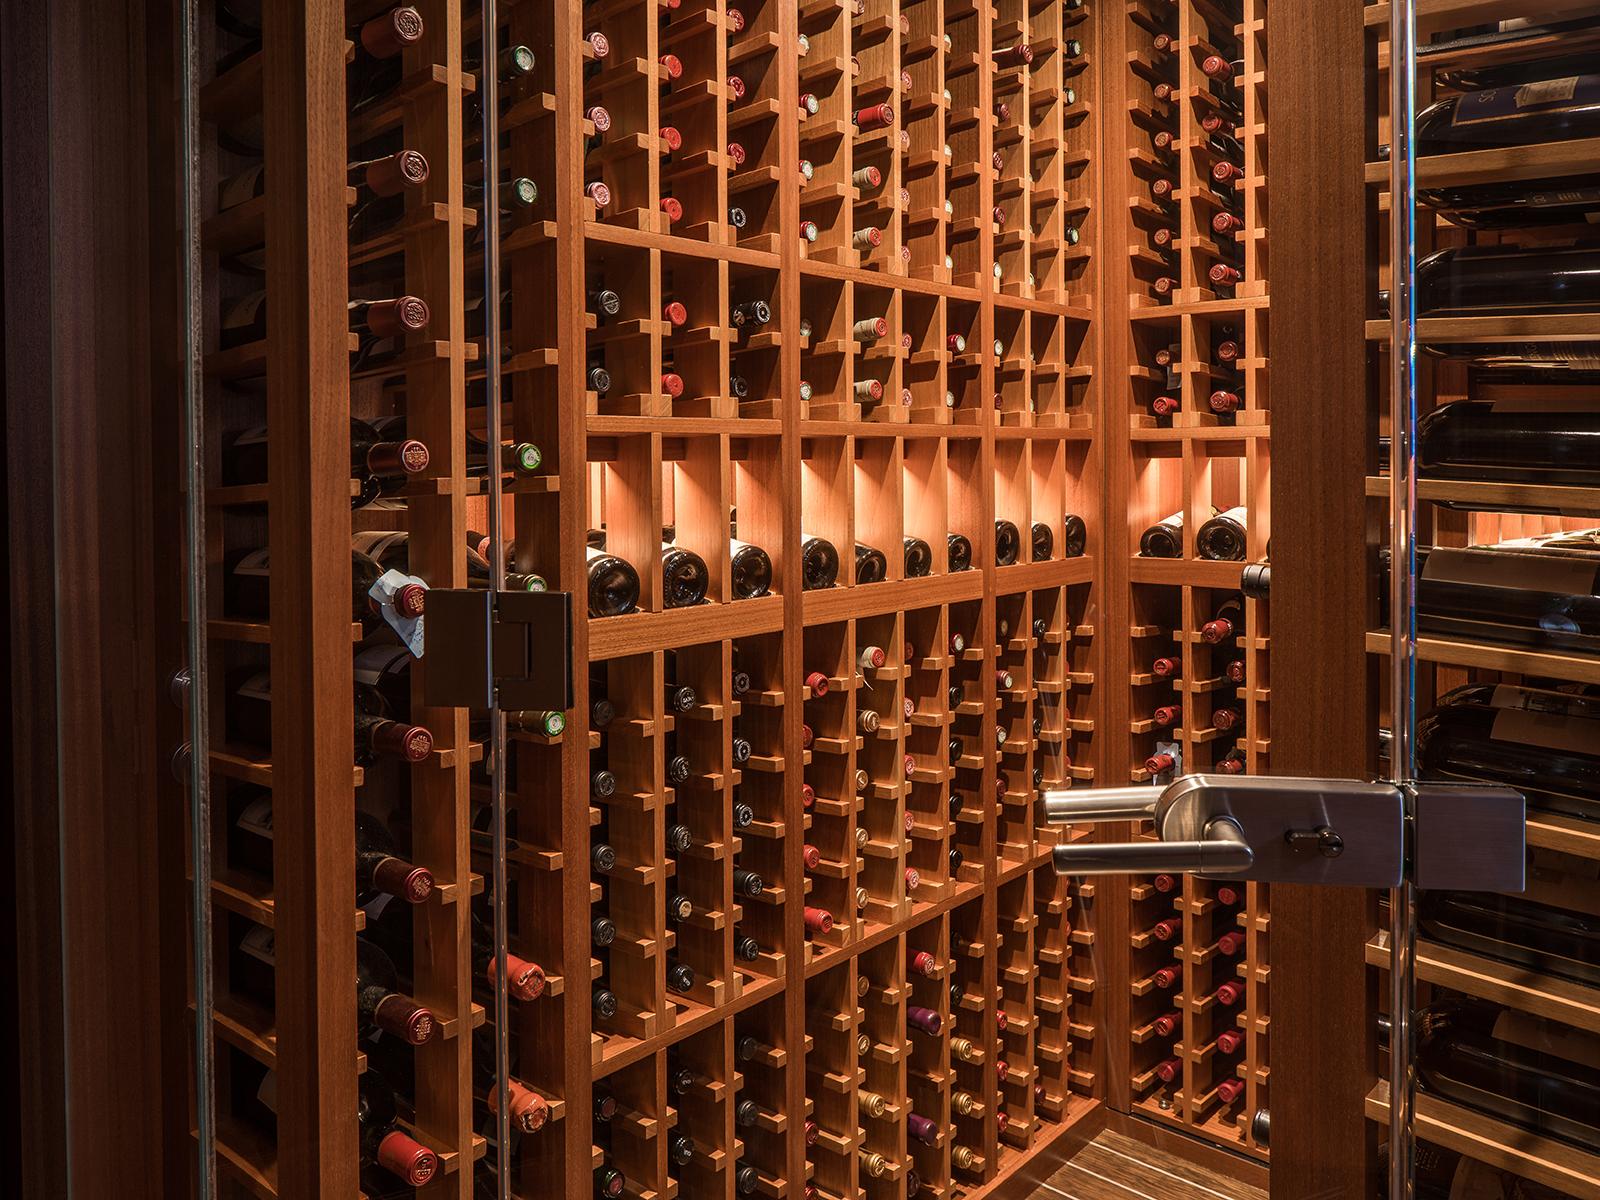 Dark wood wine storage onboard a yacht